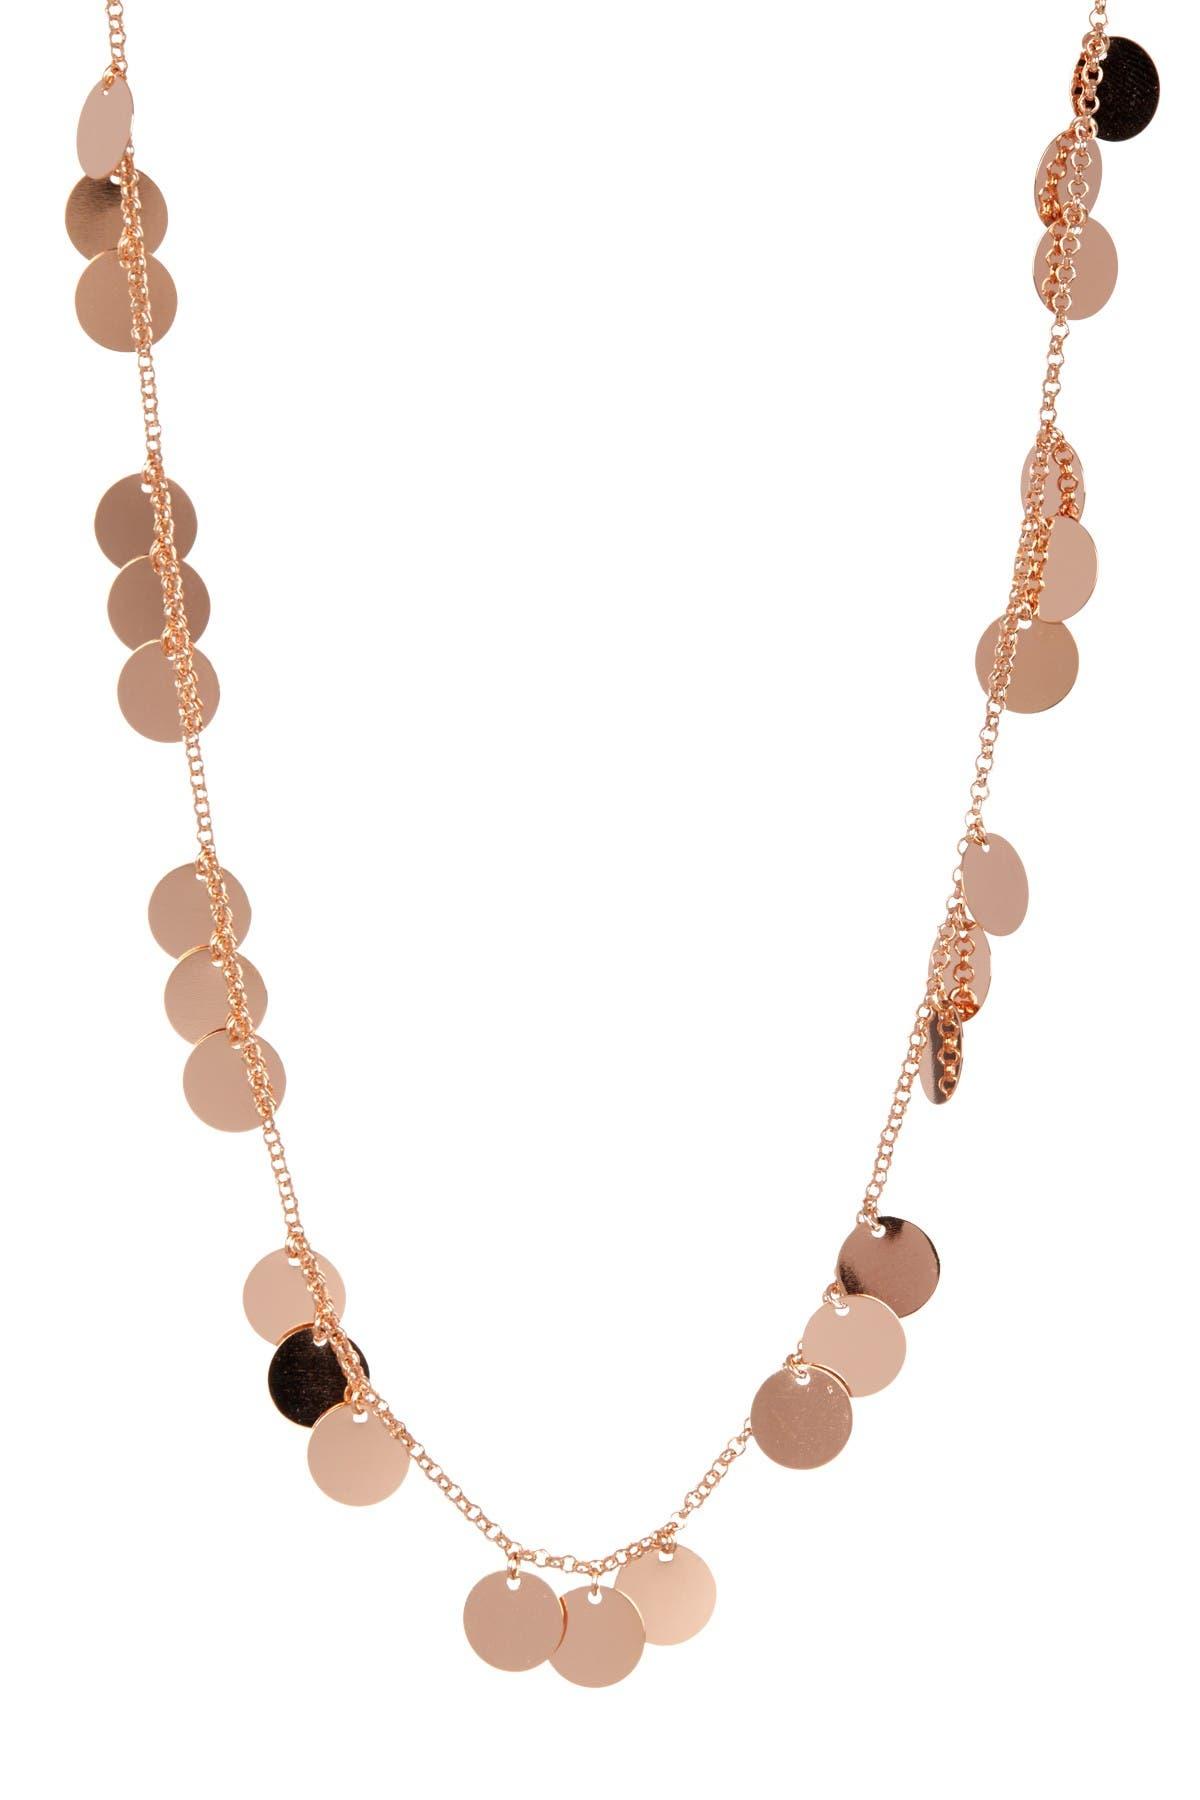 Image of Rivka Friedman 18K Rose Gold Clad Satin Disc Necklace